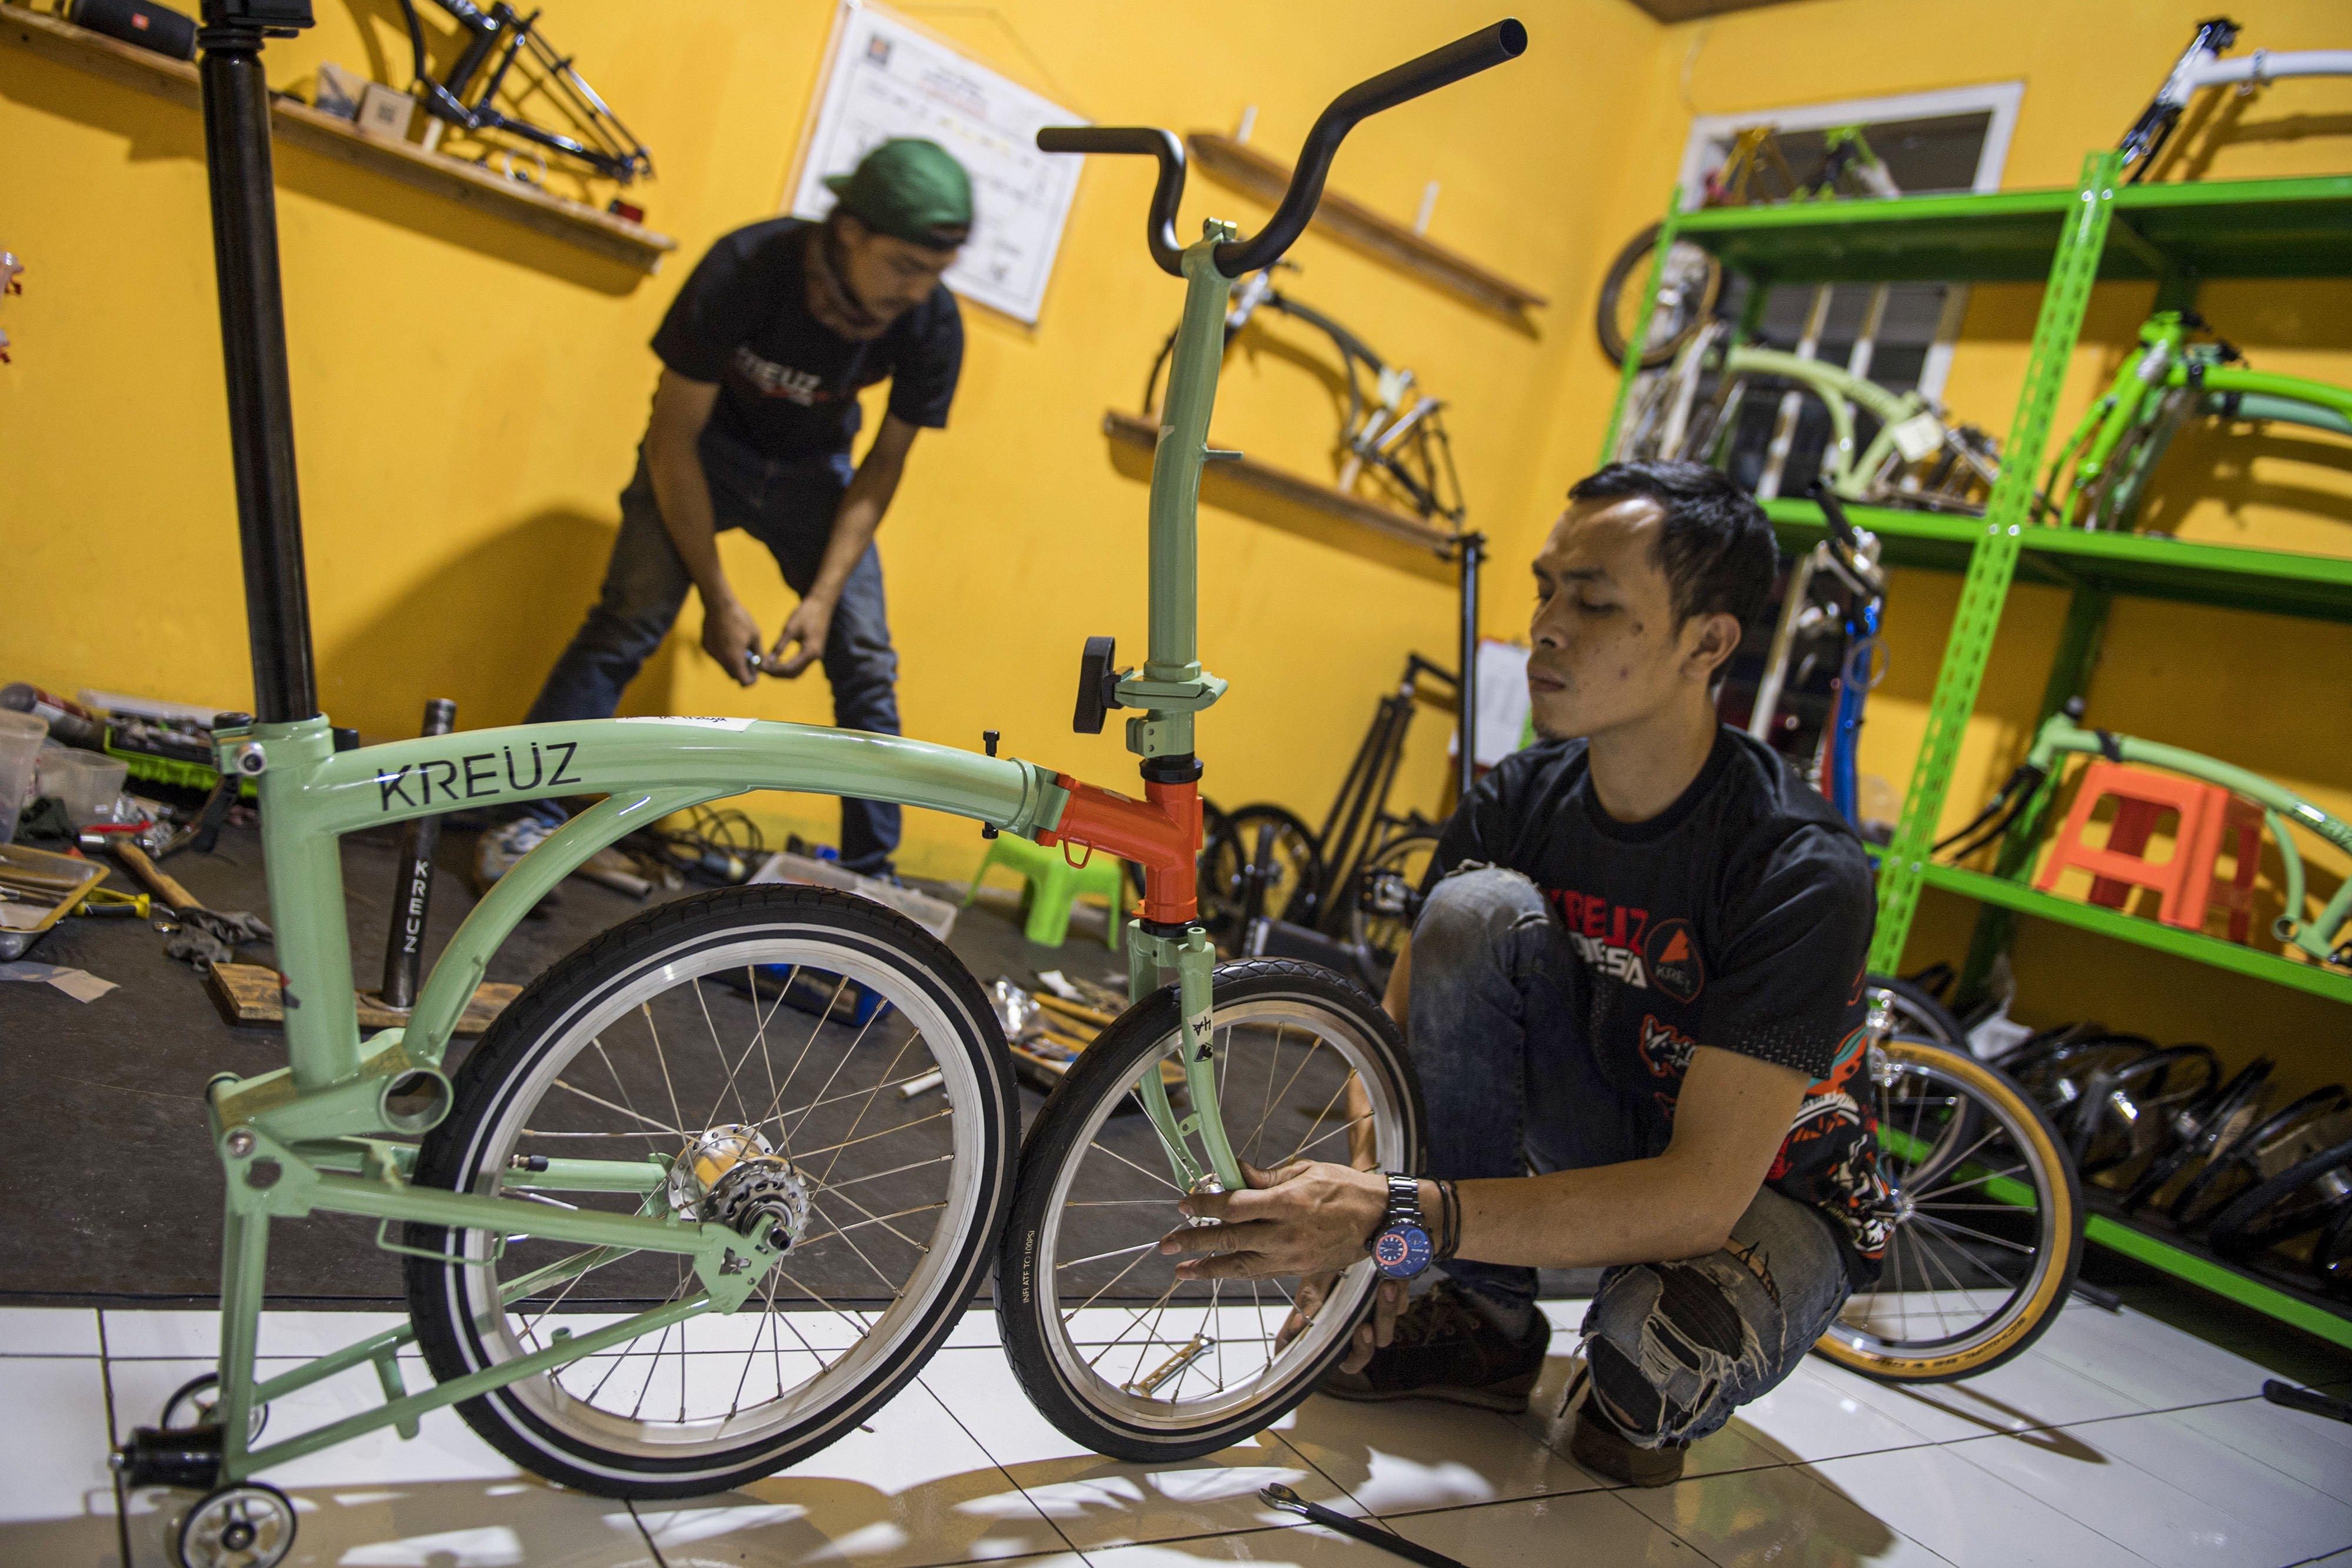 Pekerja mengecek sepeda lipat Kreuz seusai perakitan di Bandung, Jawa Barat, Jumat (20/11/2020).